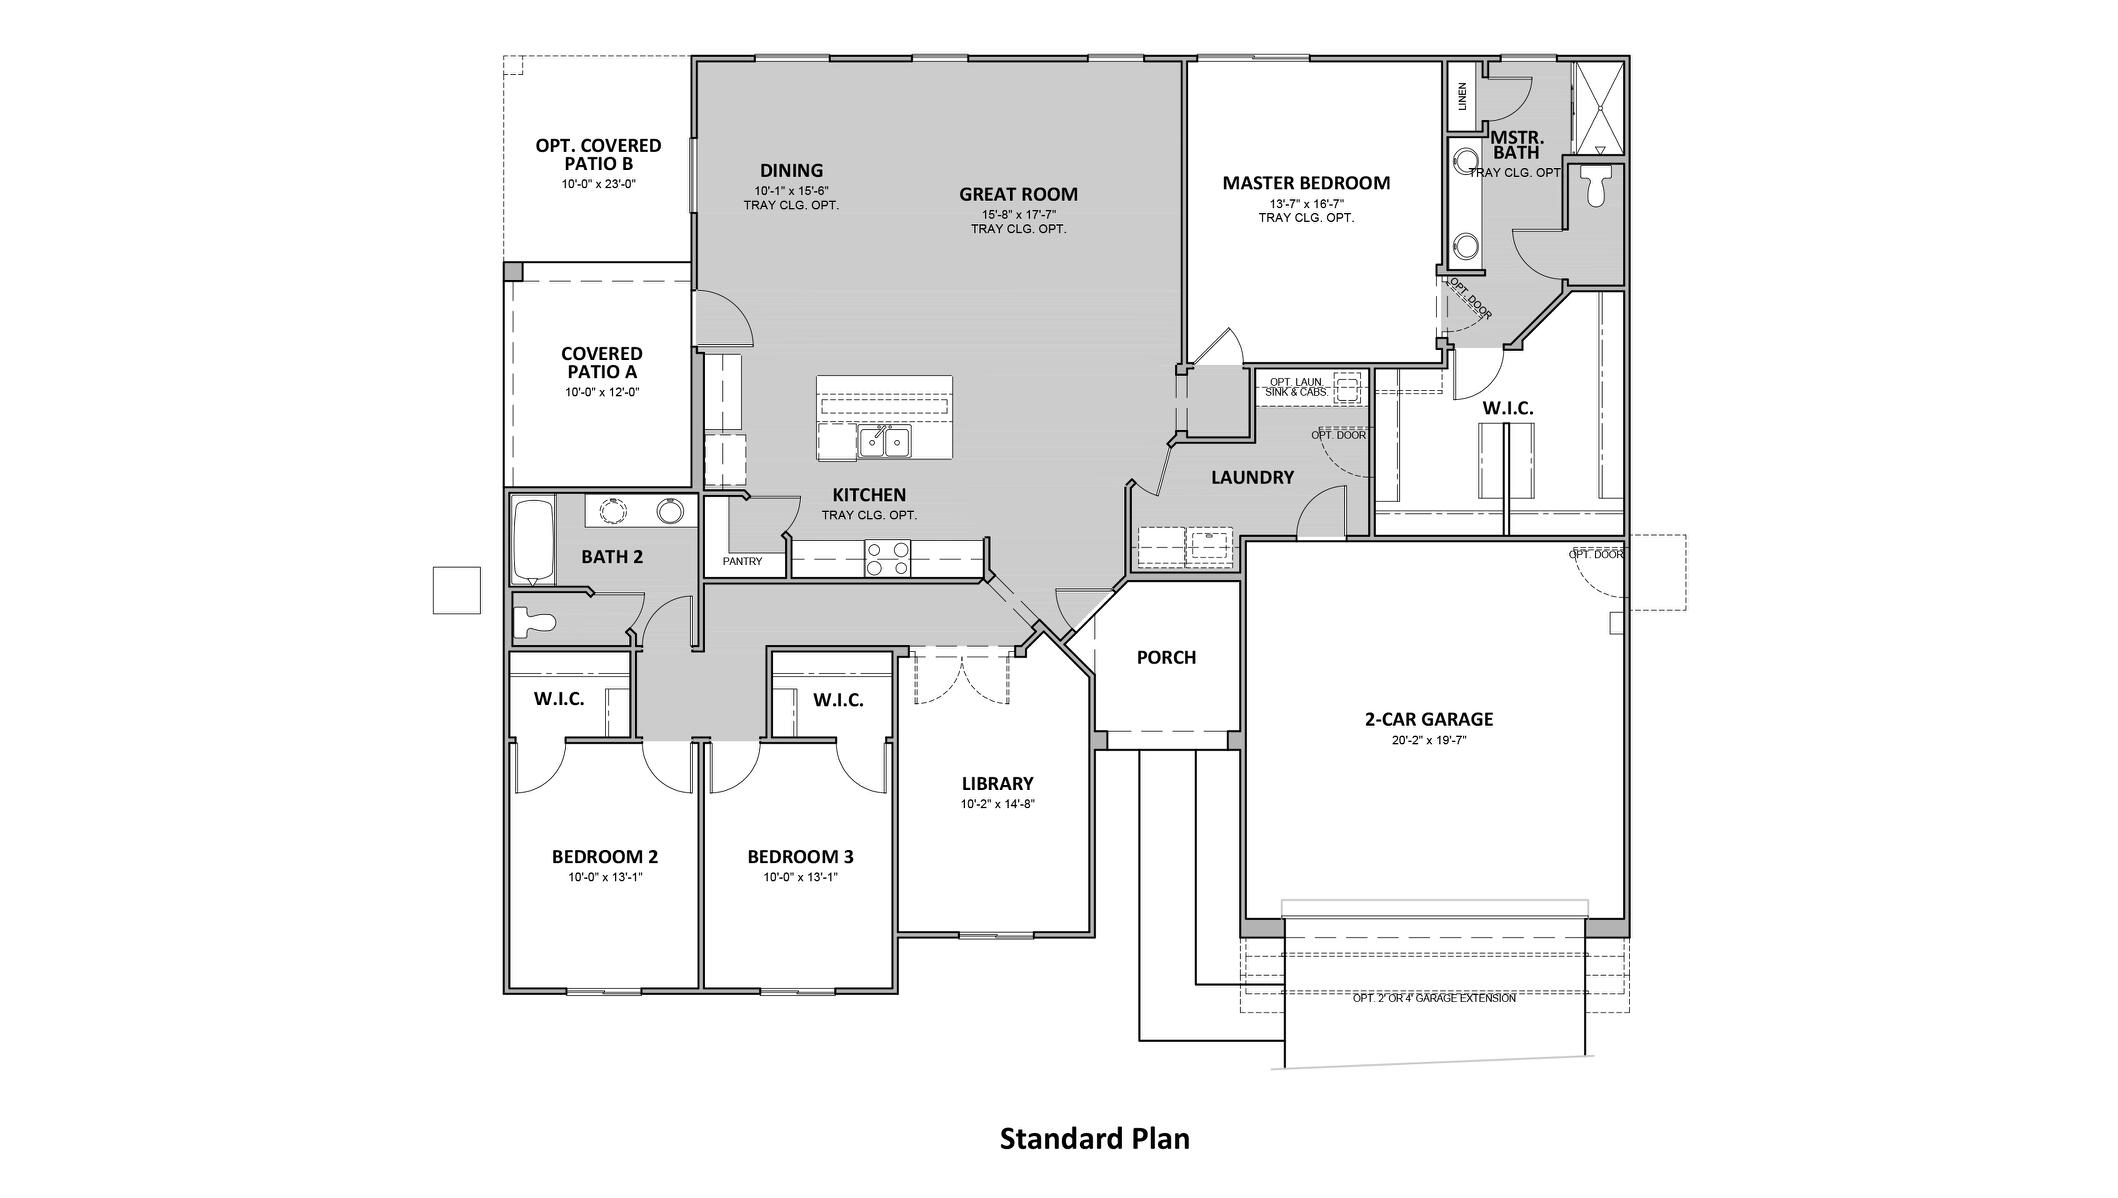 D.R. Horton Sycamore Vista Chaparral - Plan 6010 Floor Plan